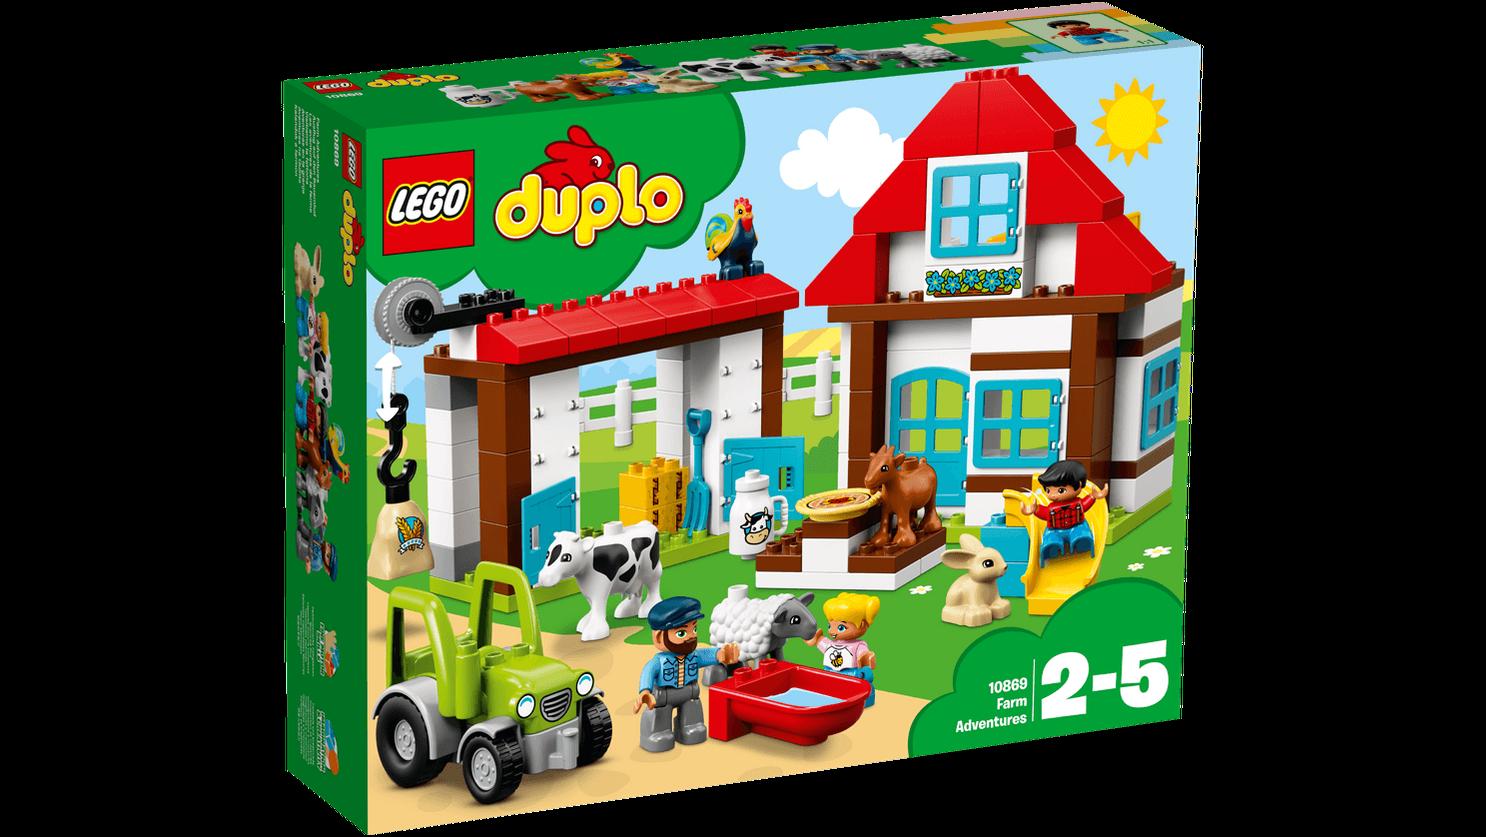 Des Duplo Jouets Annah Lego Duplo Lego Et Lego Toys